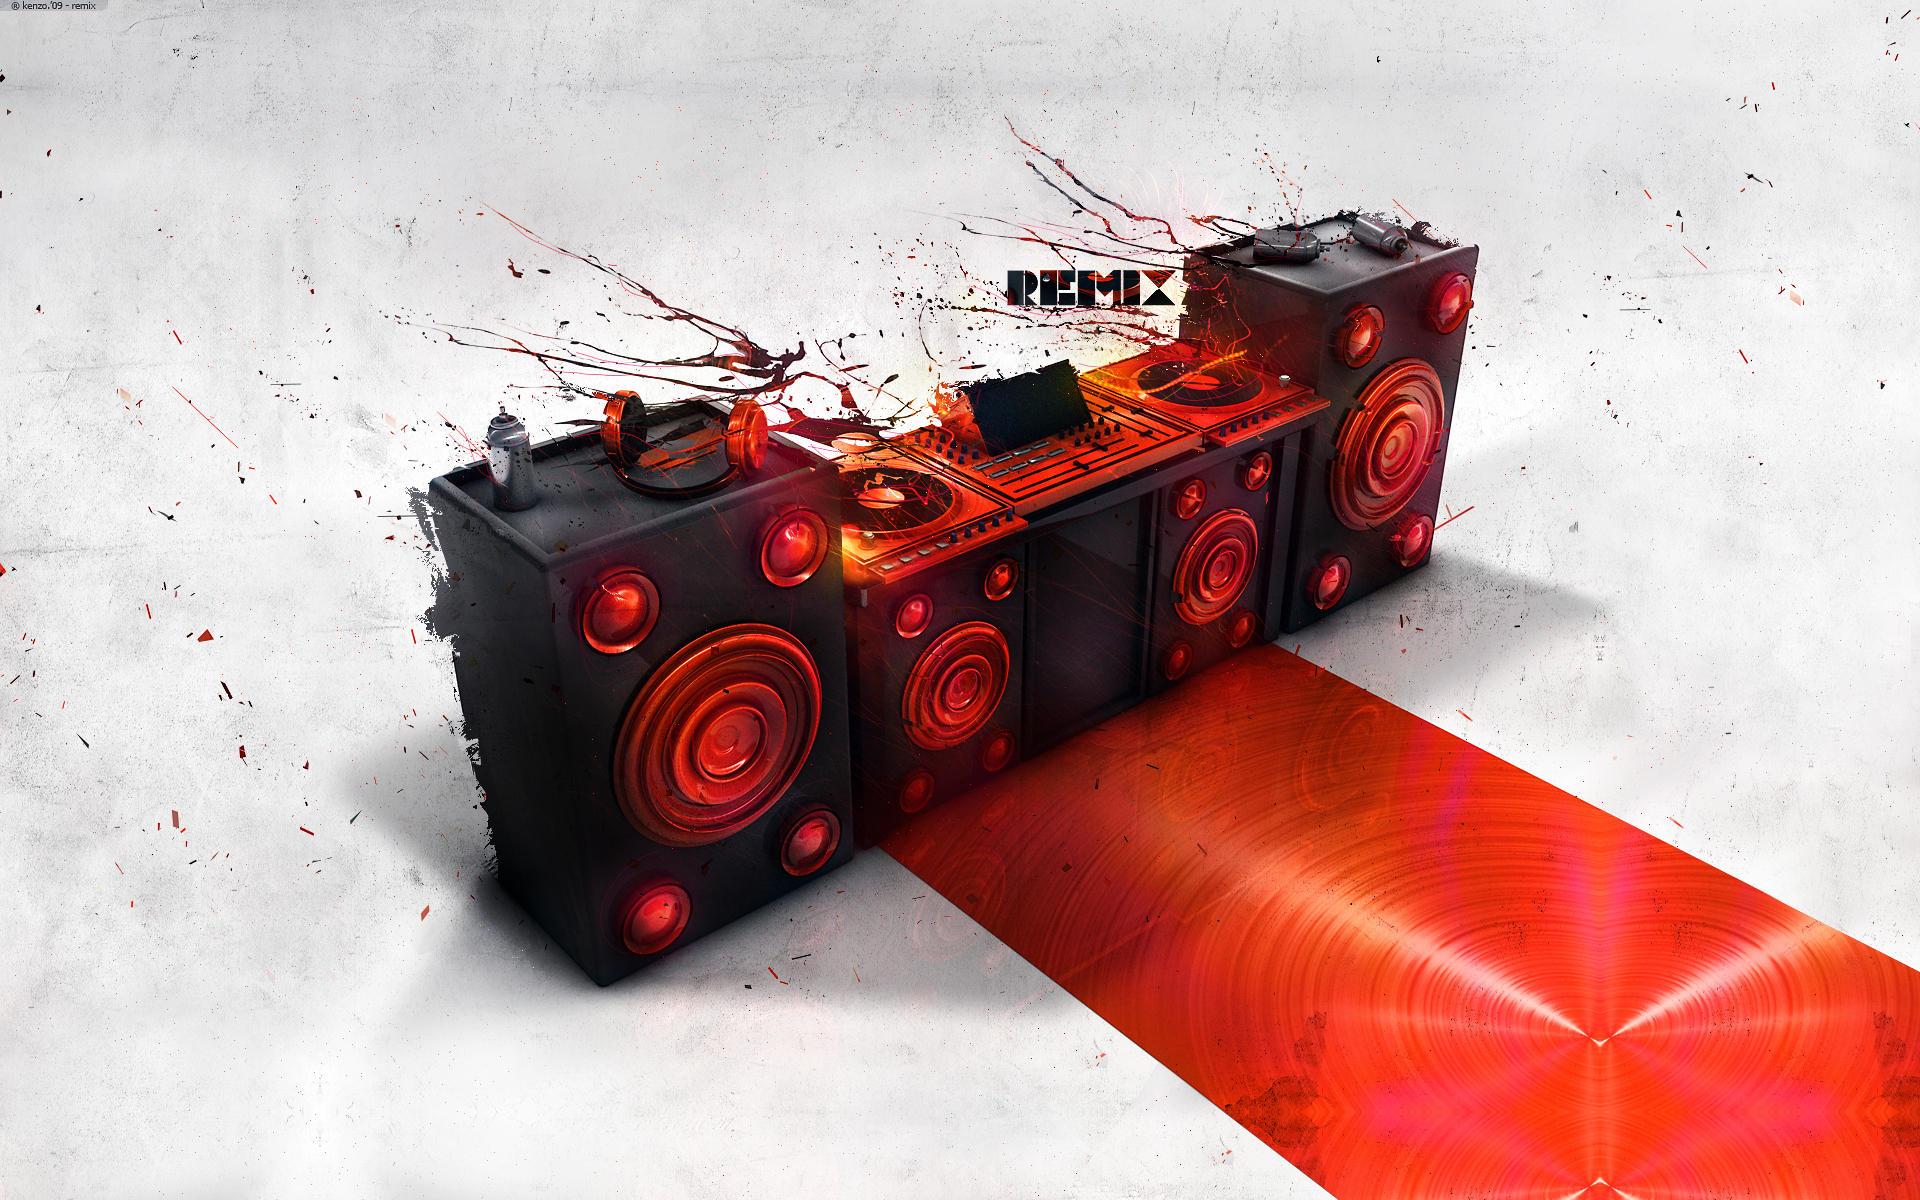 Remix by K3nzuS